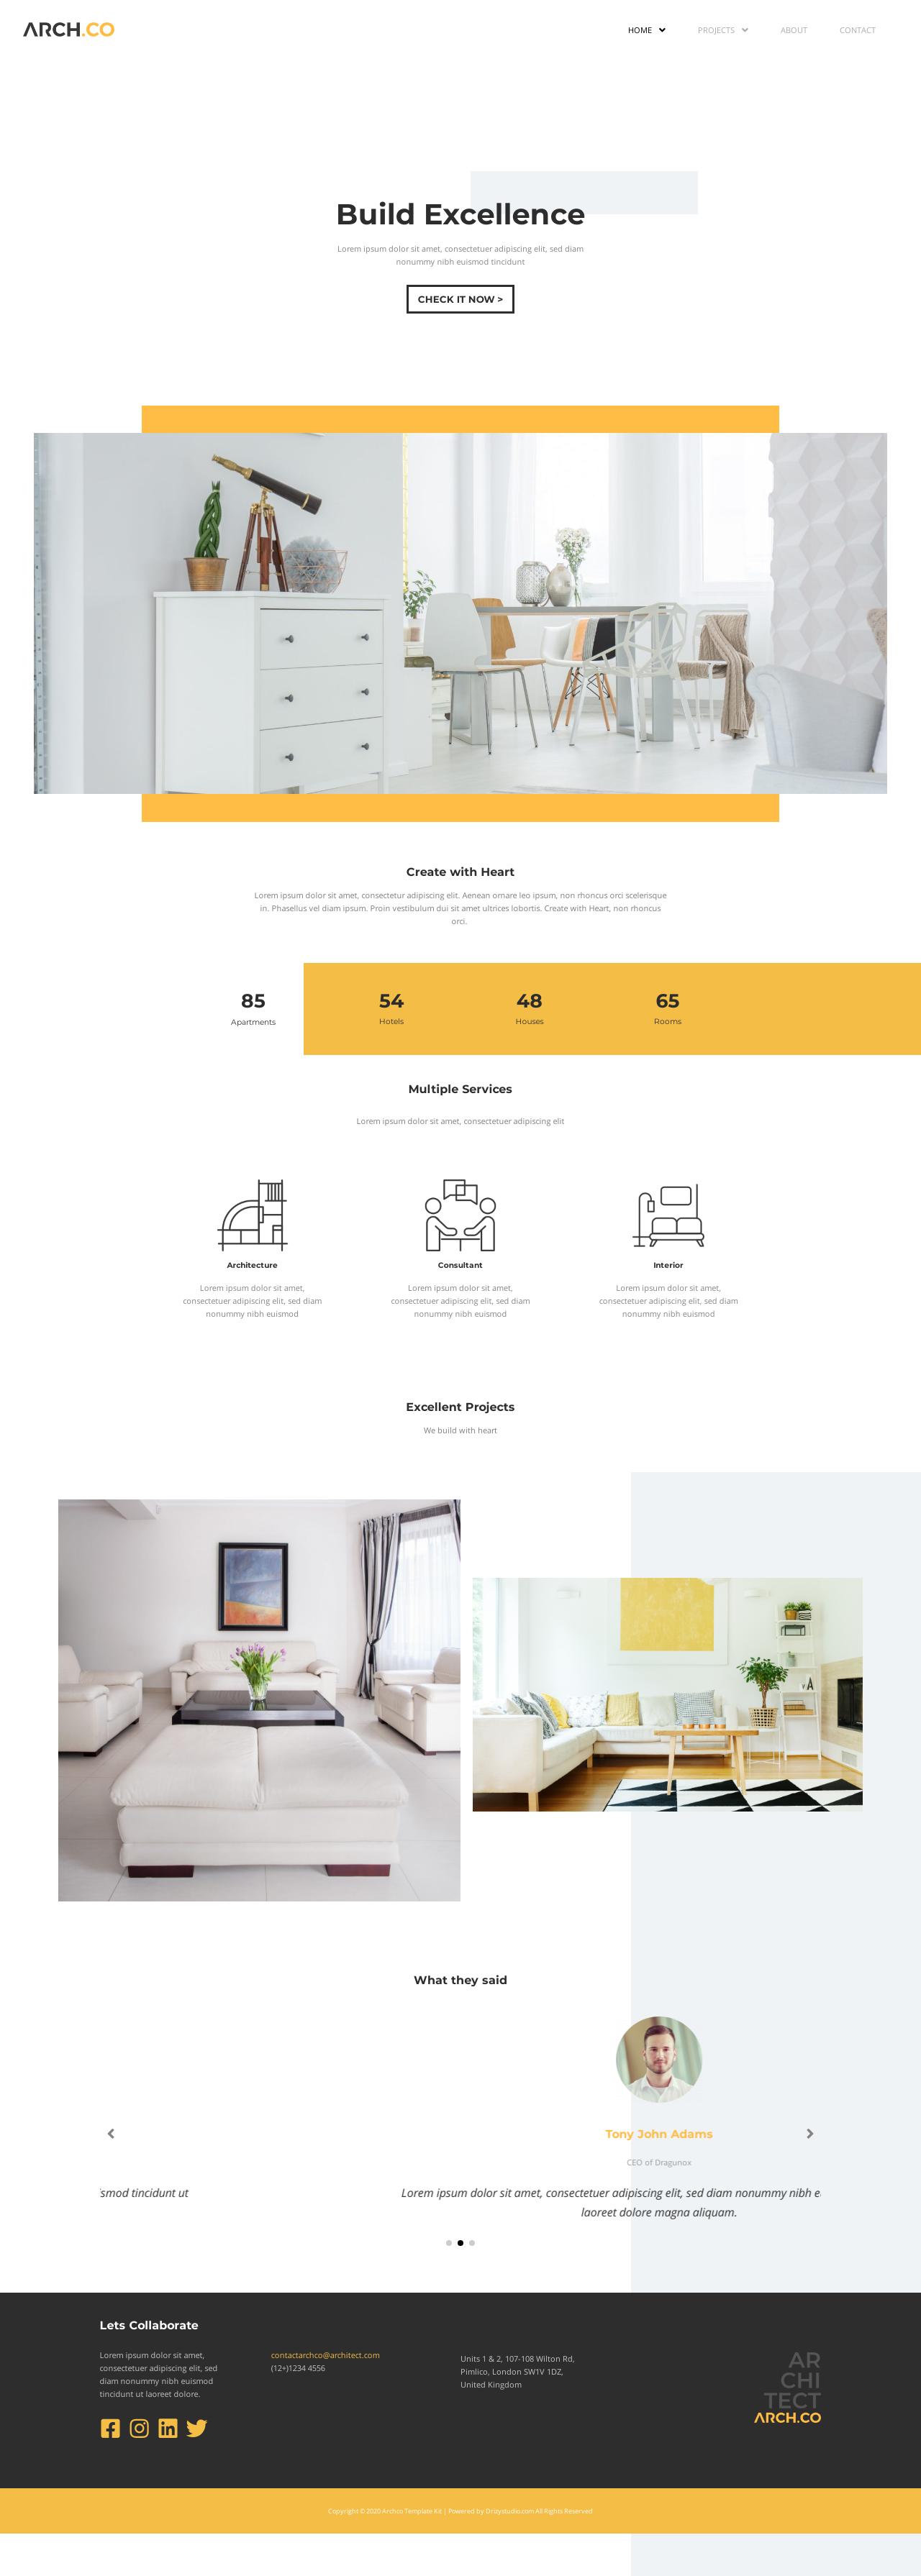 Ny hjemmeside ejendomsmæglere og arkitekter